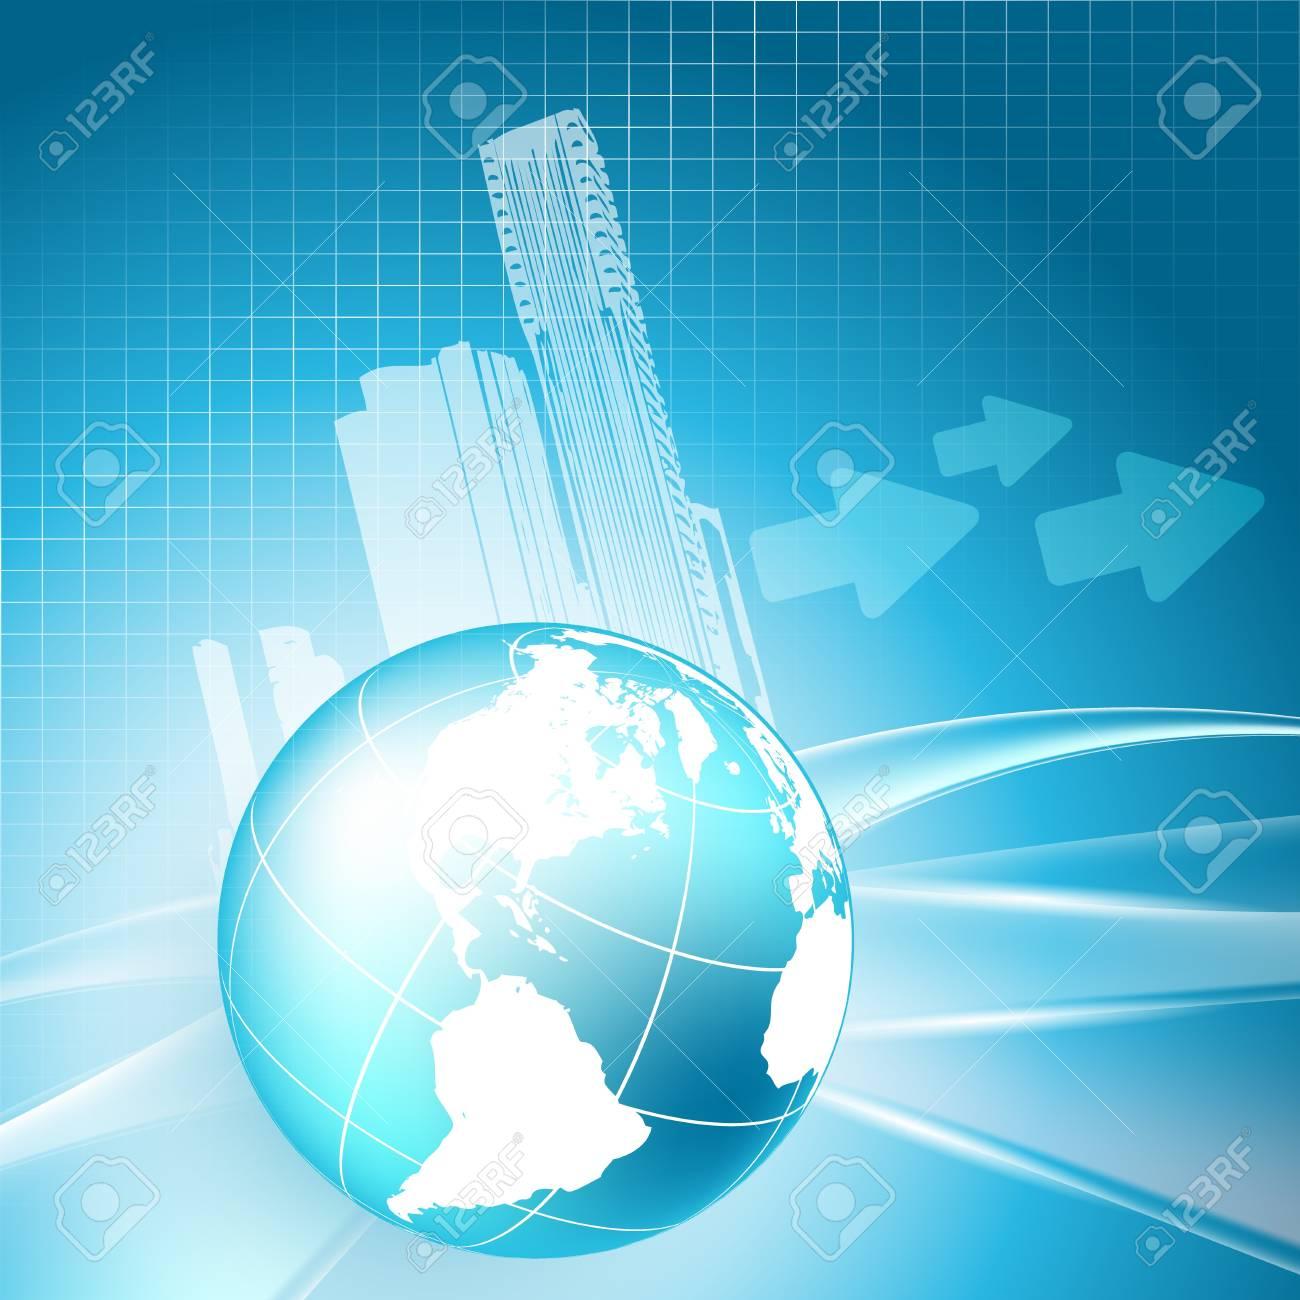 Abstrakte Immobilien Wachstumsgeschäft Rahmen. Lizenzfrei Nutzbare ...